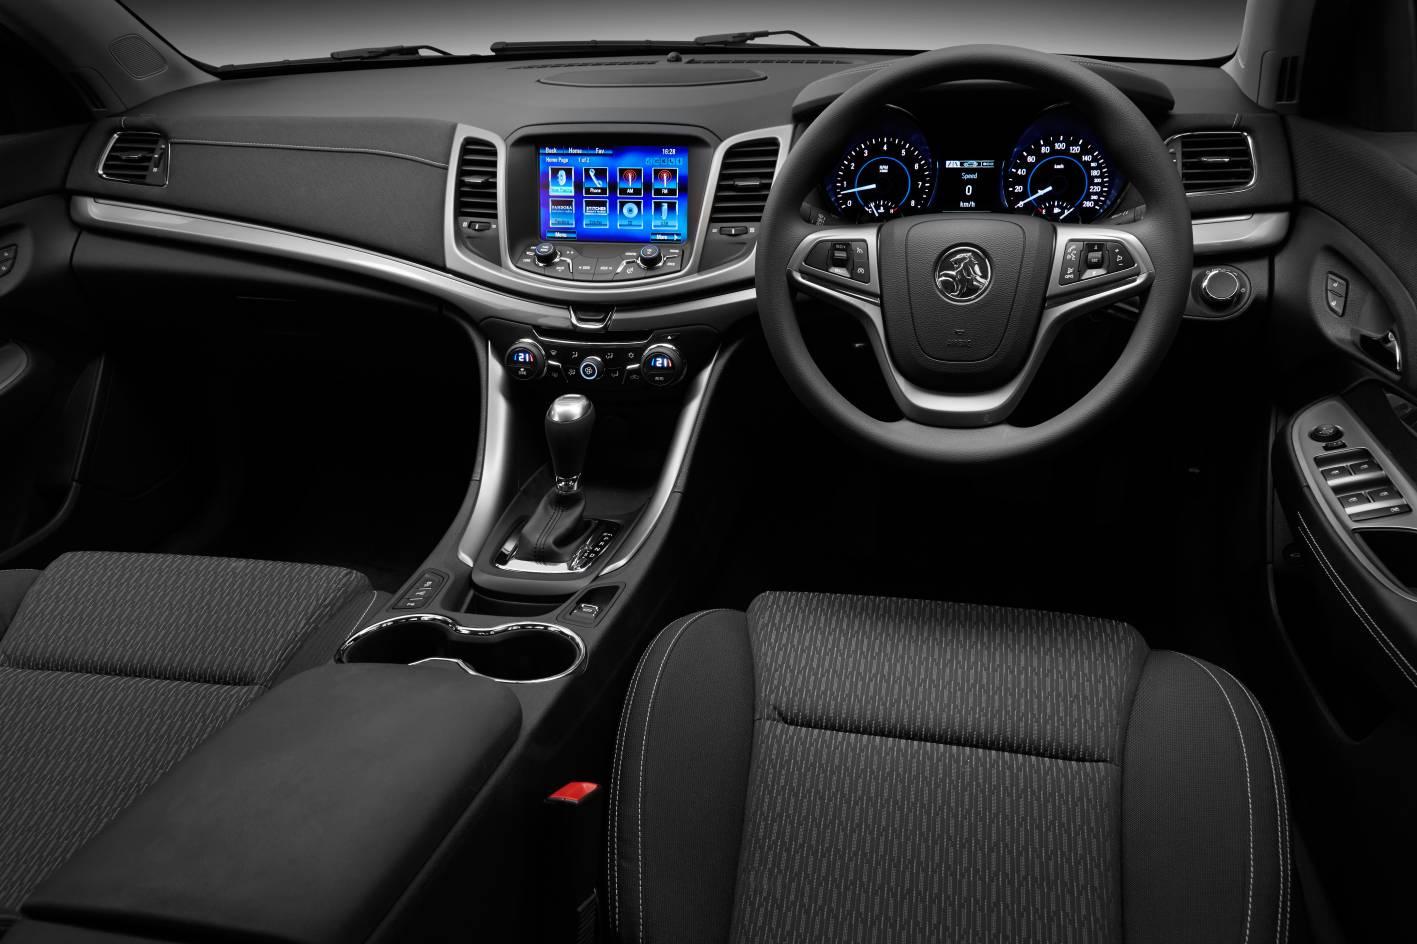 2014 Holden Vf Commodore Evoke Interior